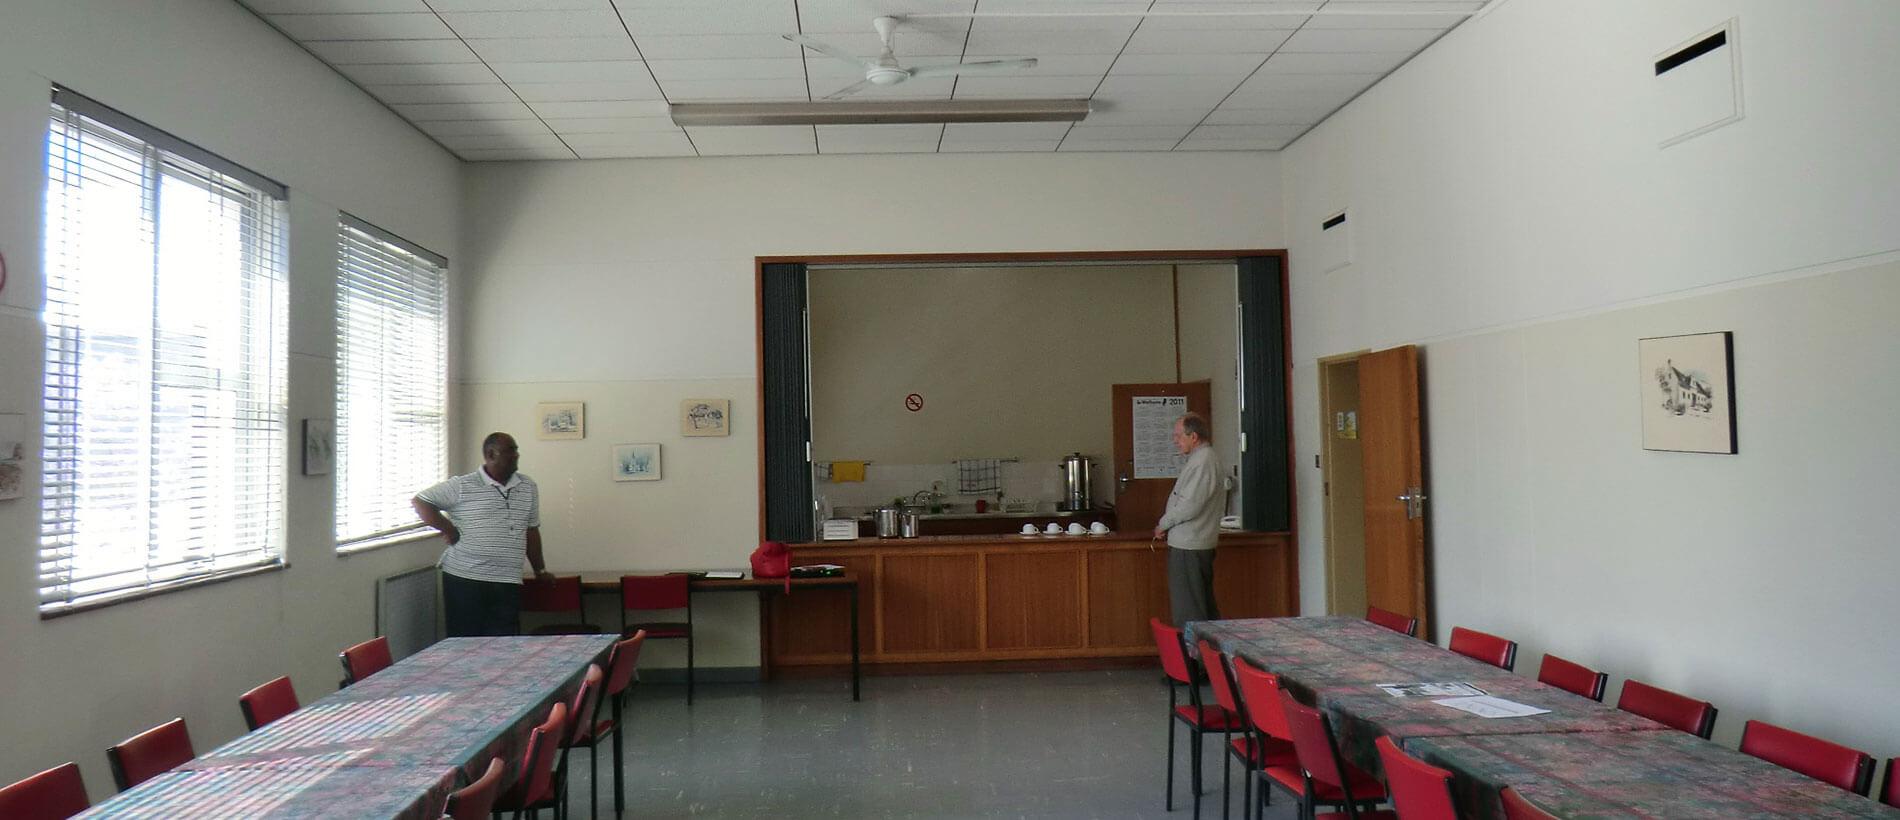 Stellenbosch interior design before